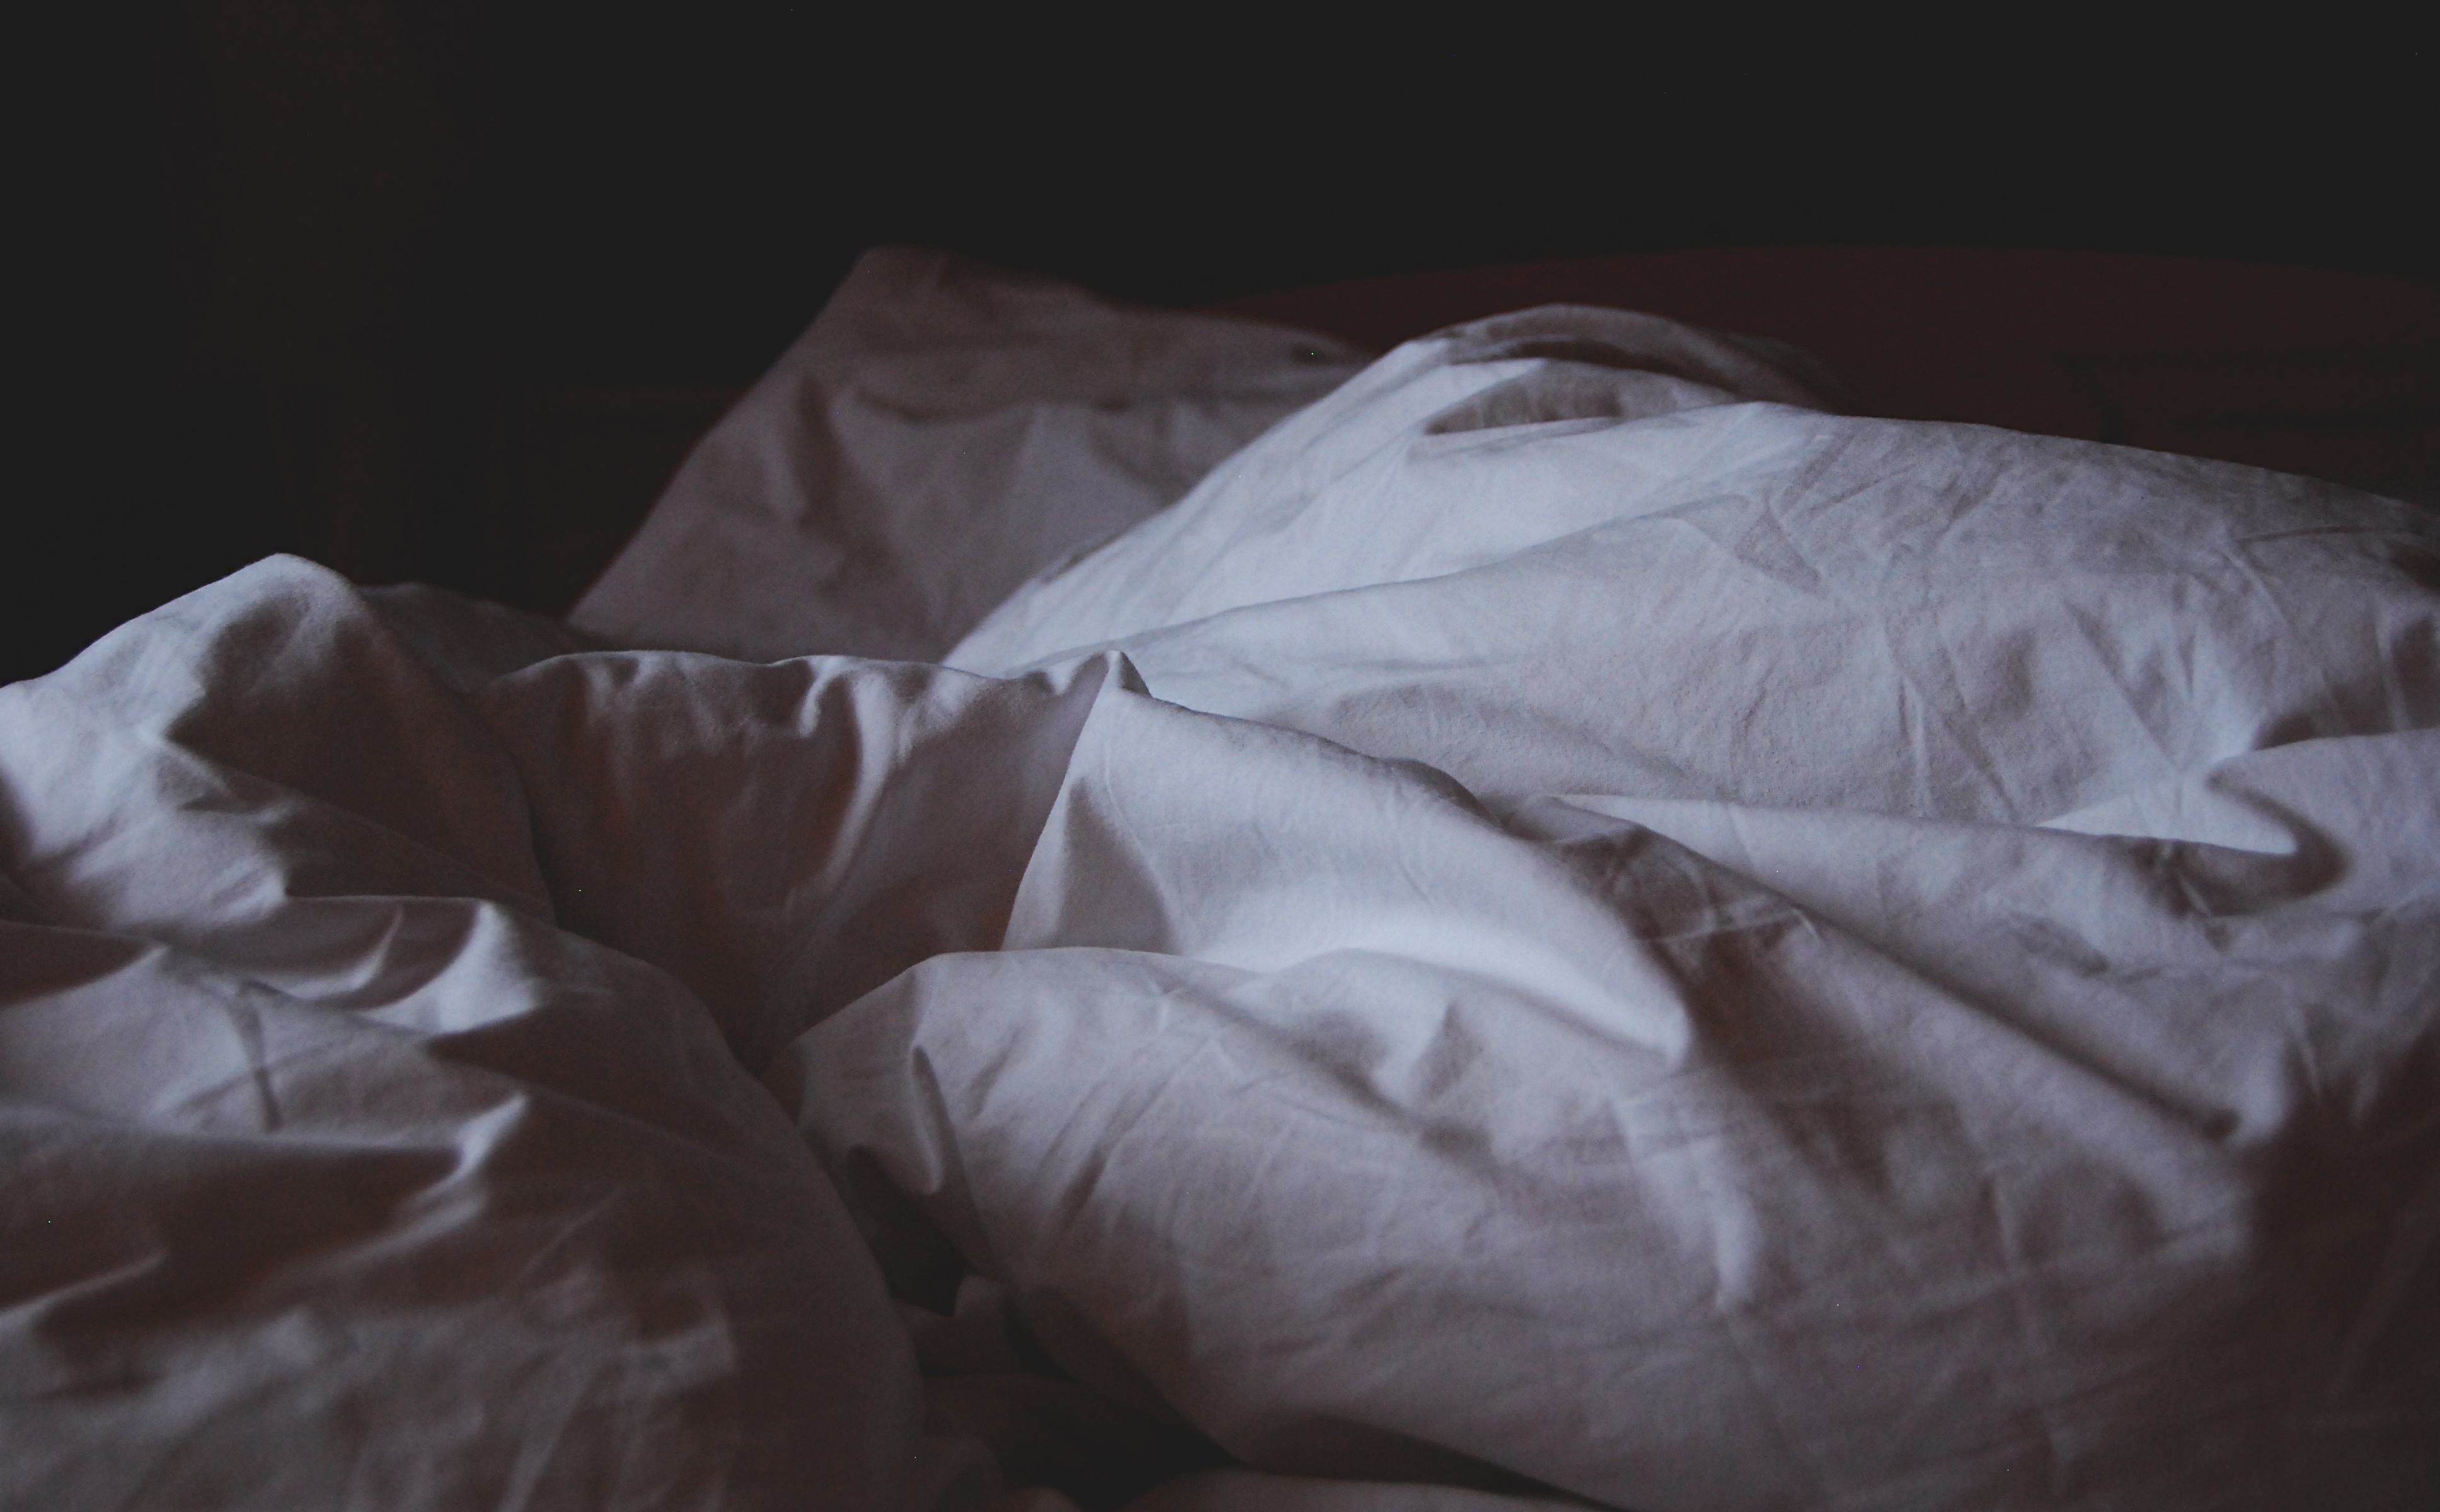 【社内恋愛の失敗談2】会社の憧れの先輩と一夜の過ち、弄ばれた最悪の失恋